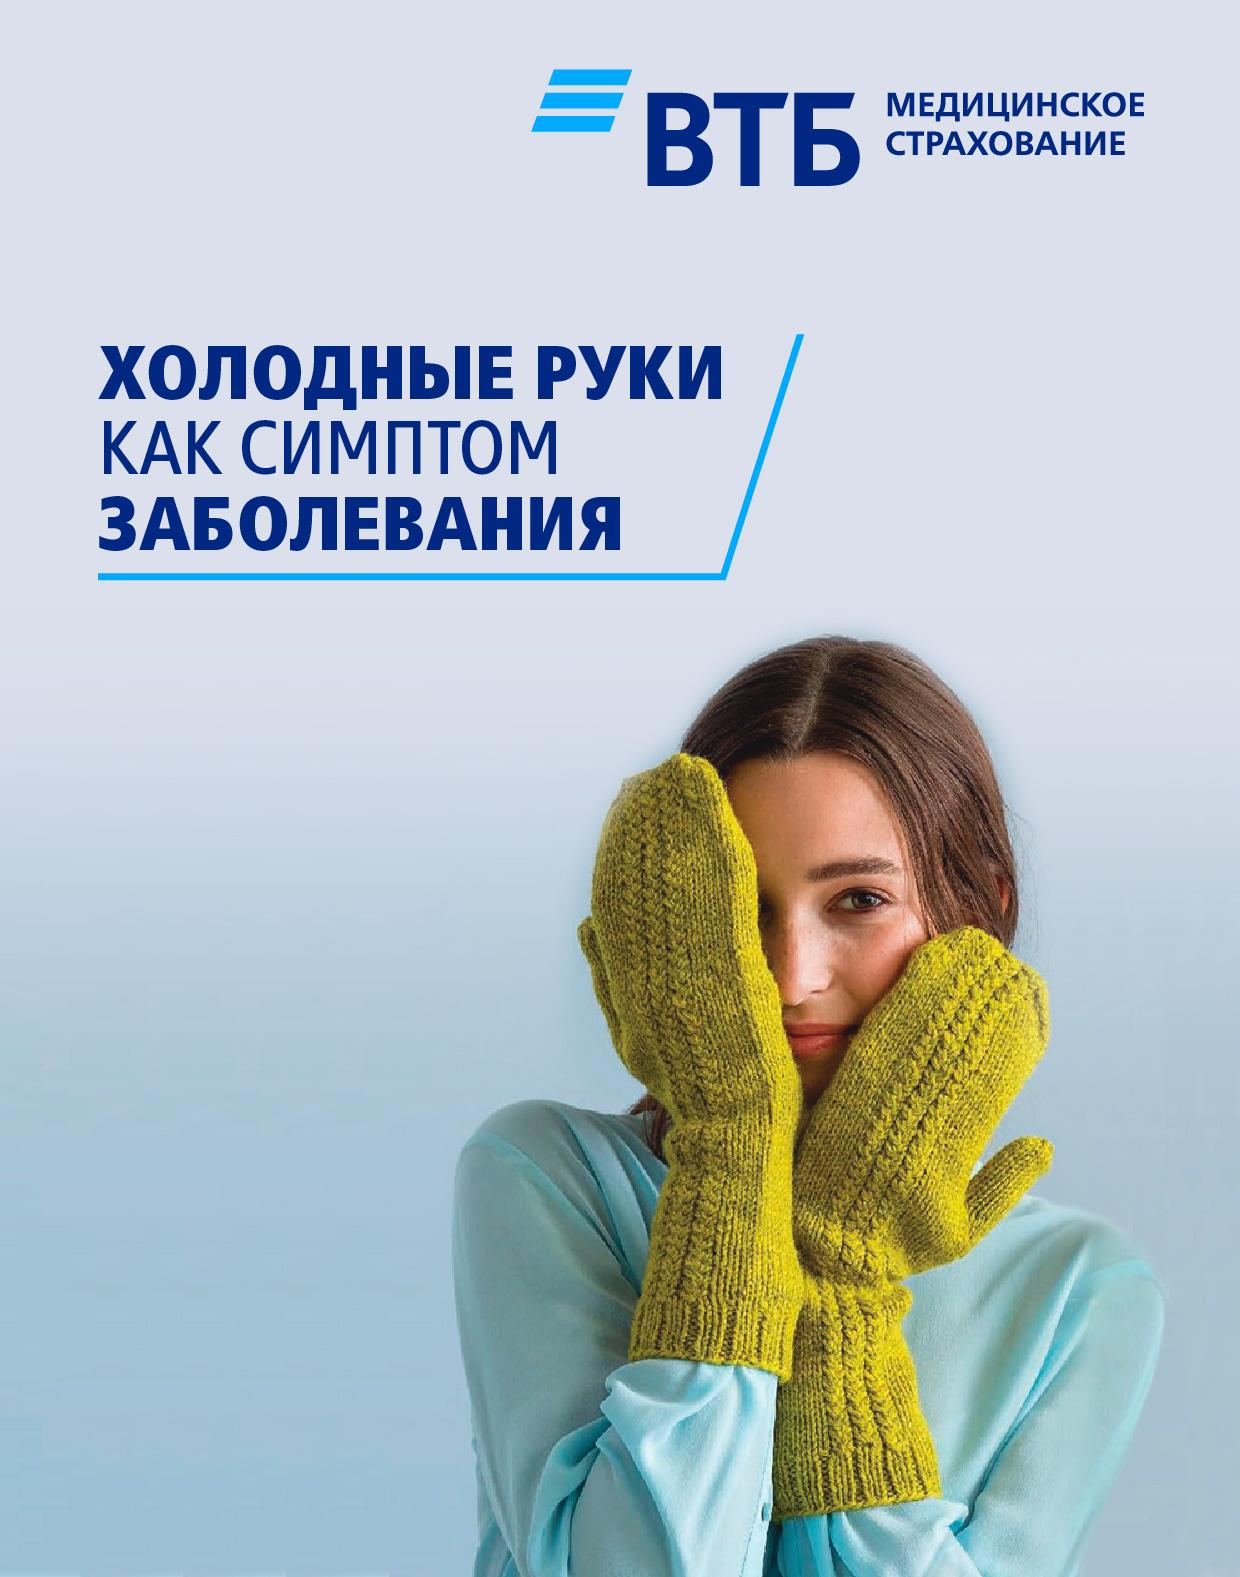 Холодные руки как симптом заболевания